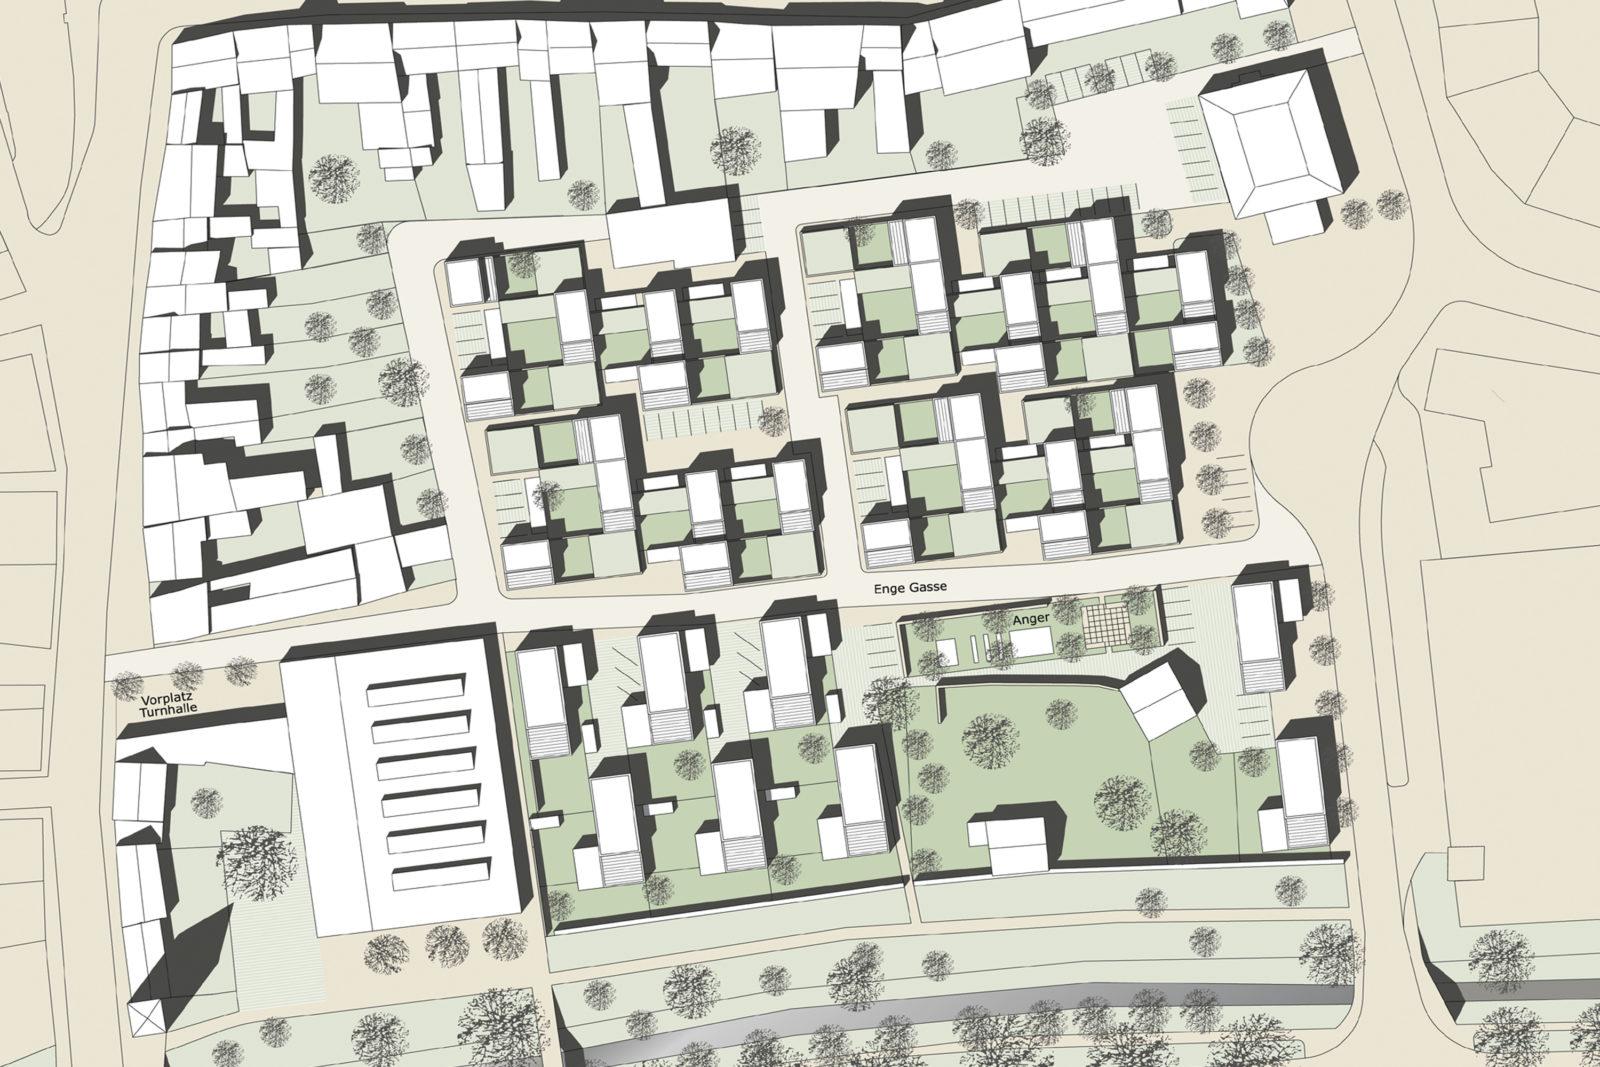 Wohnen an der Stadtmauer Bad Langensalza - Lageplan